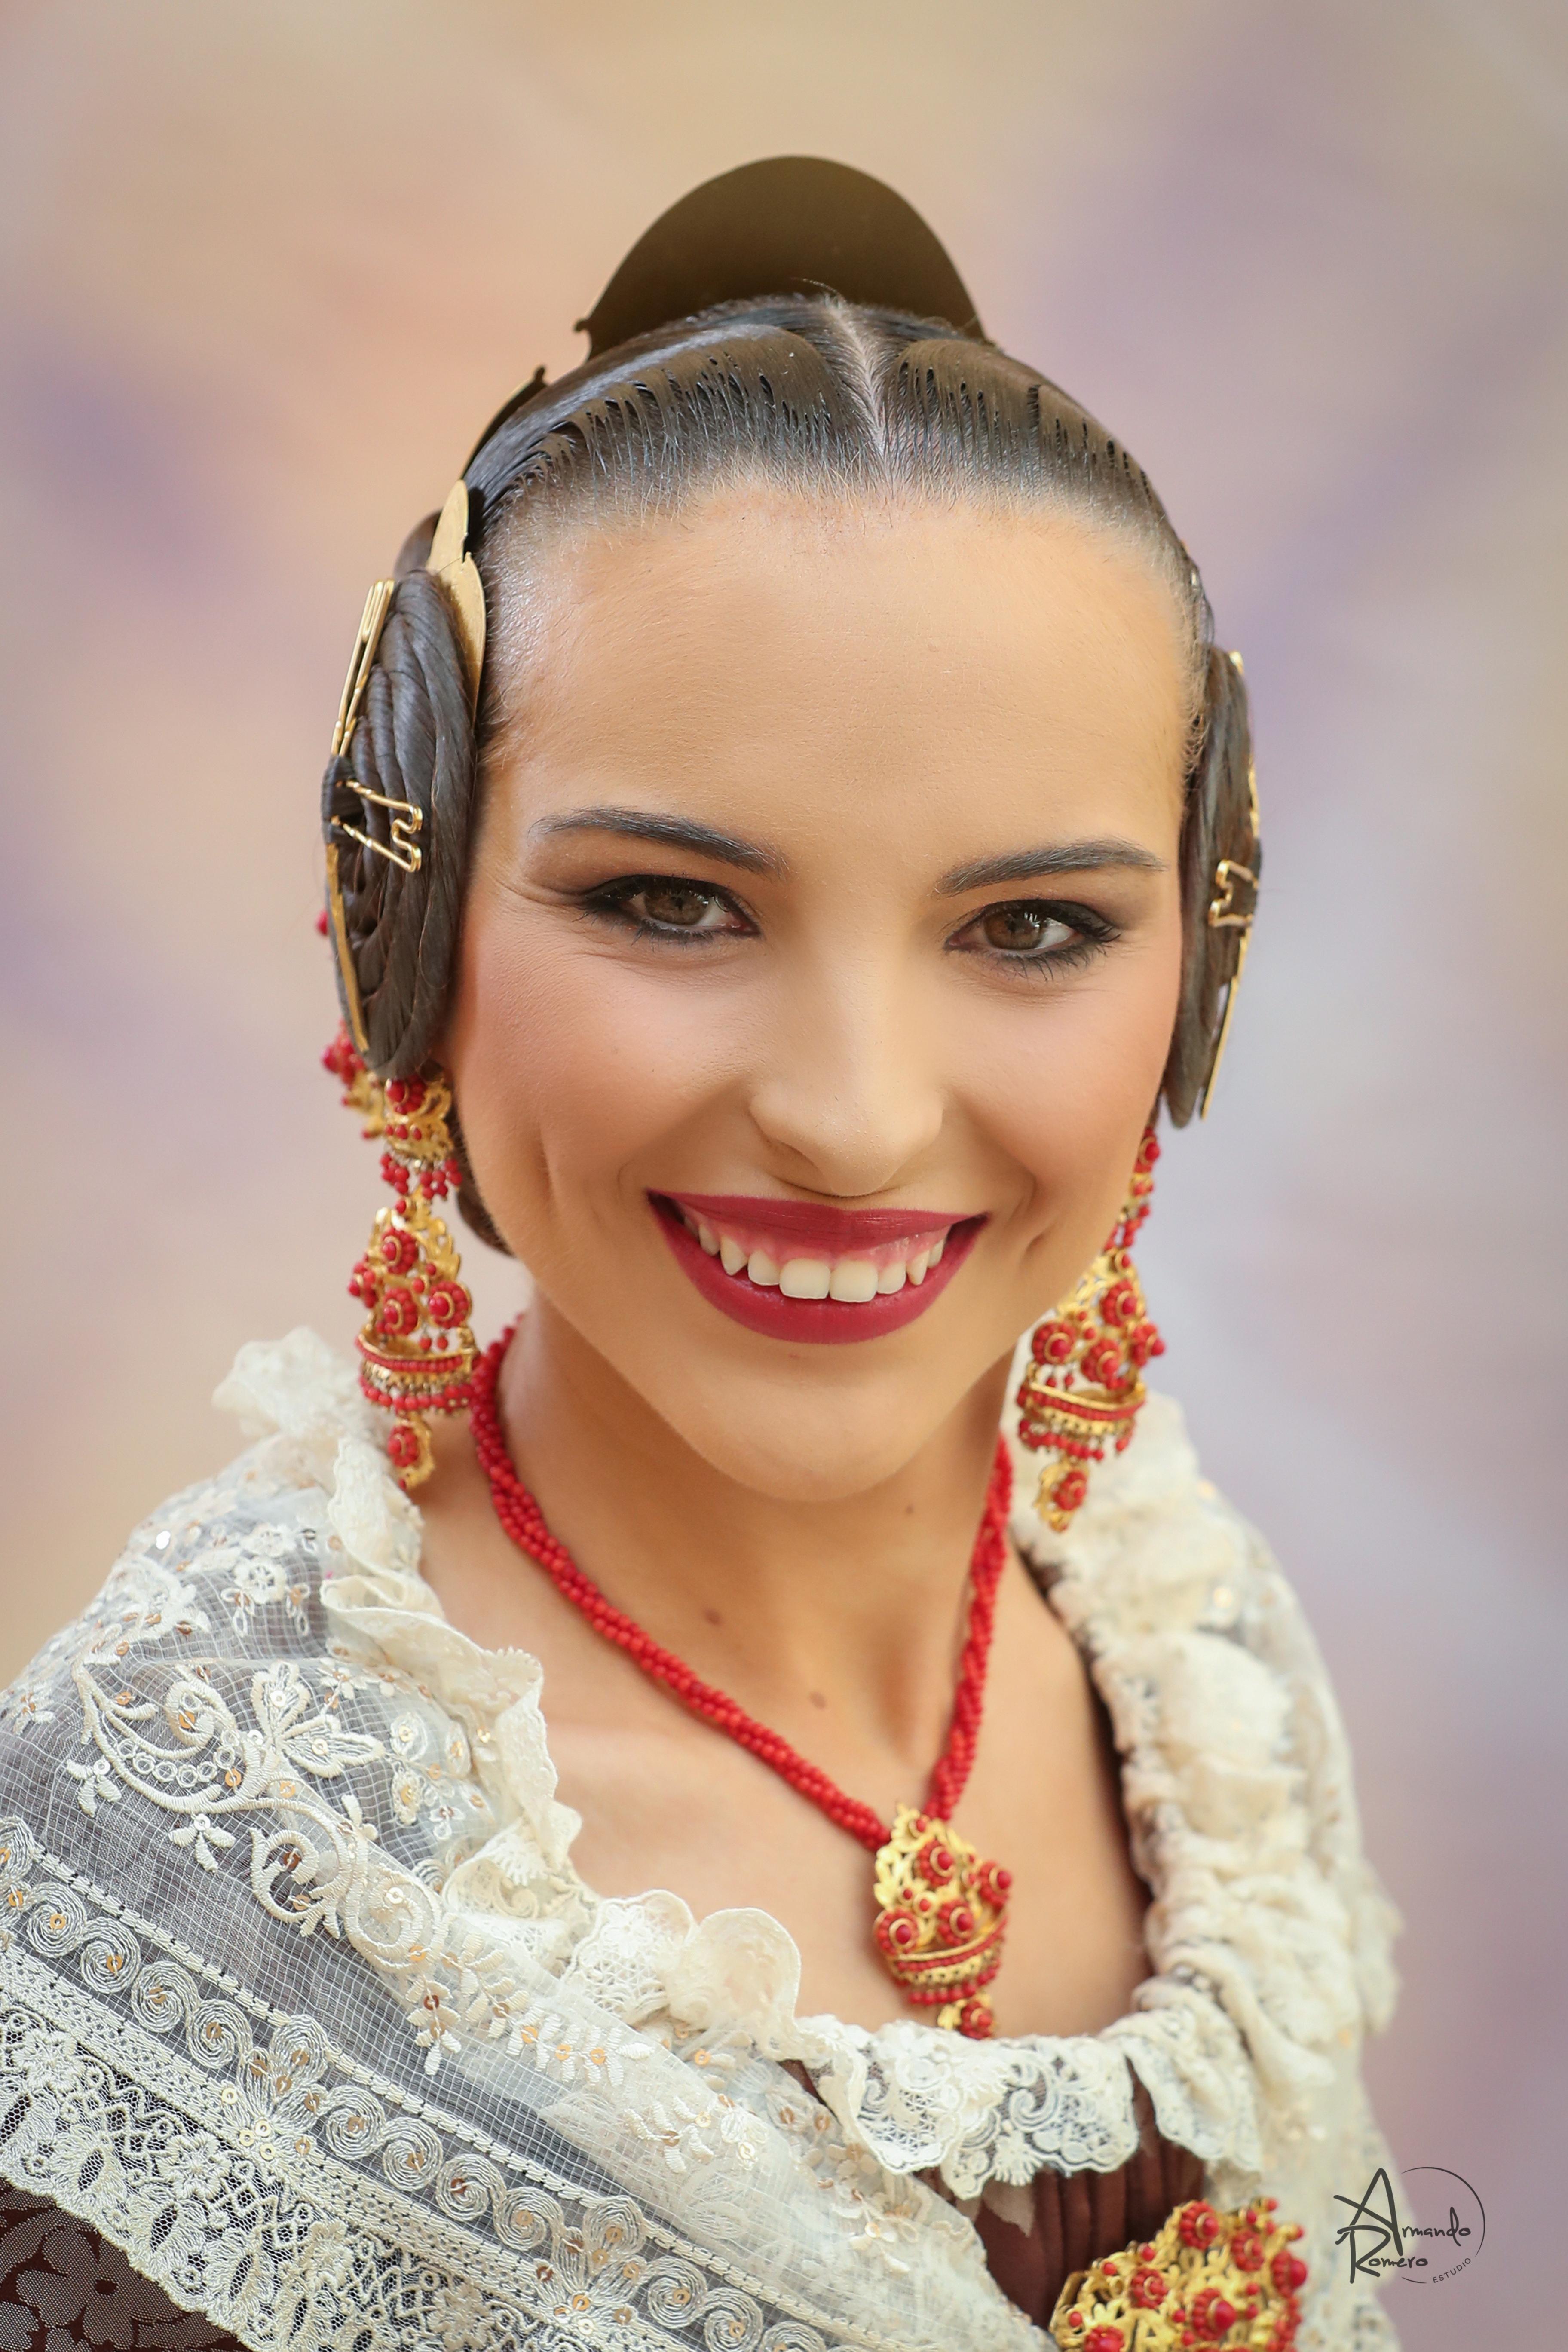 Debora Pascual Alegre